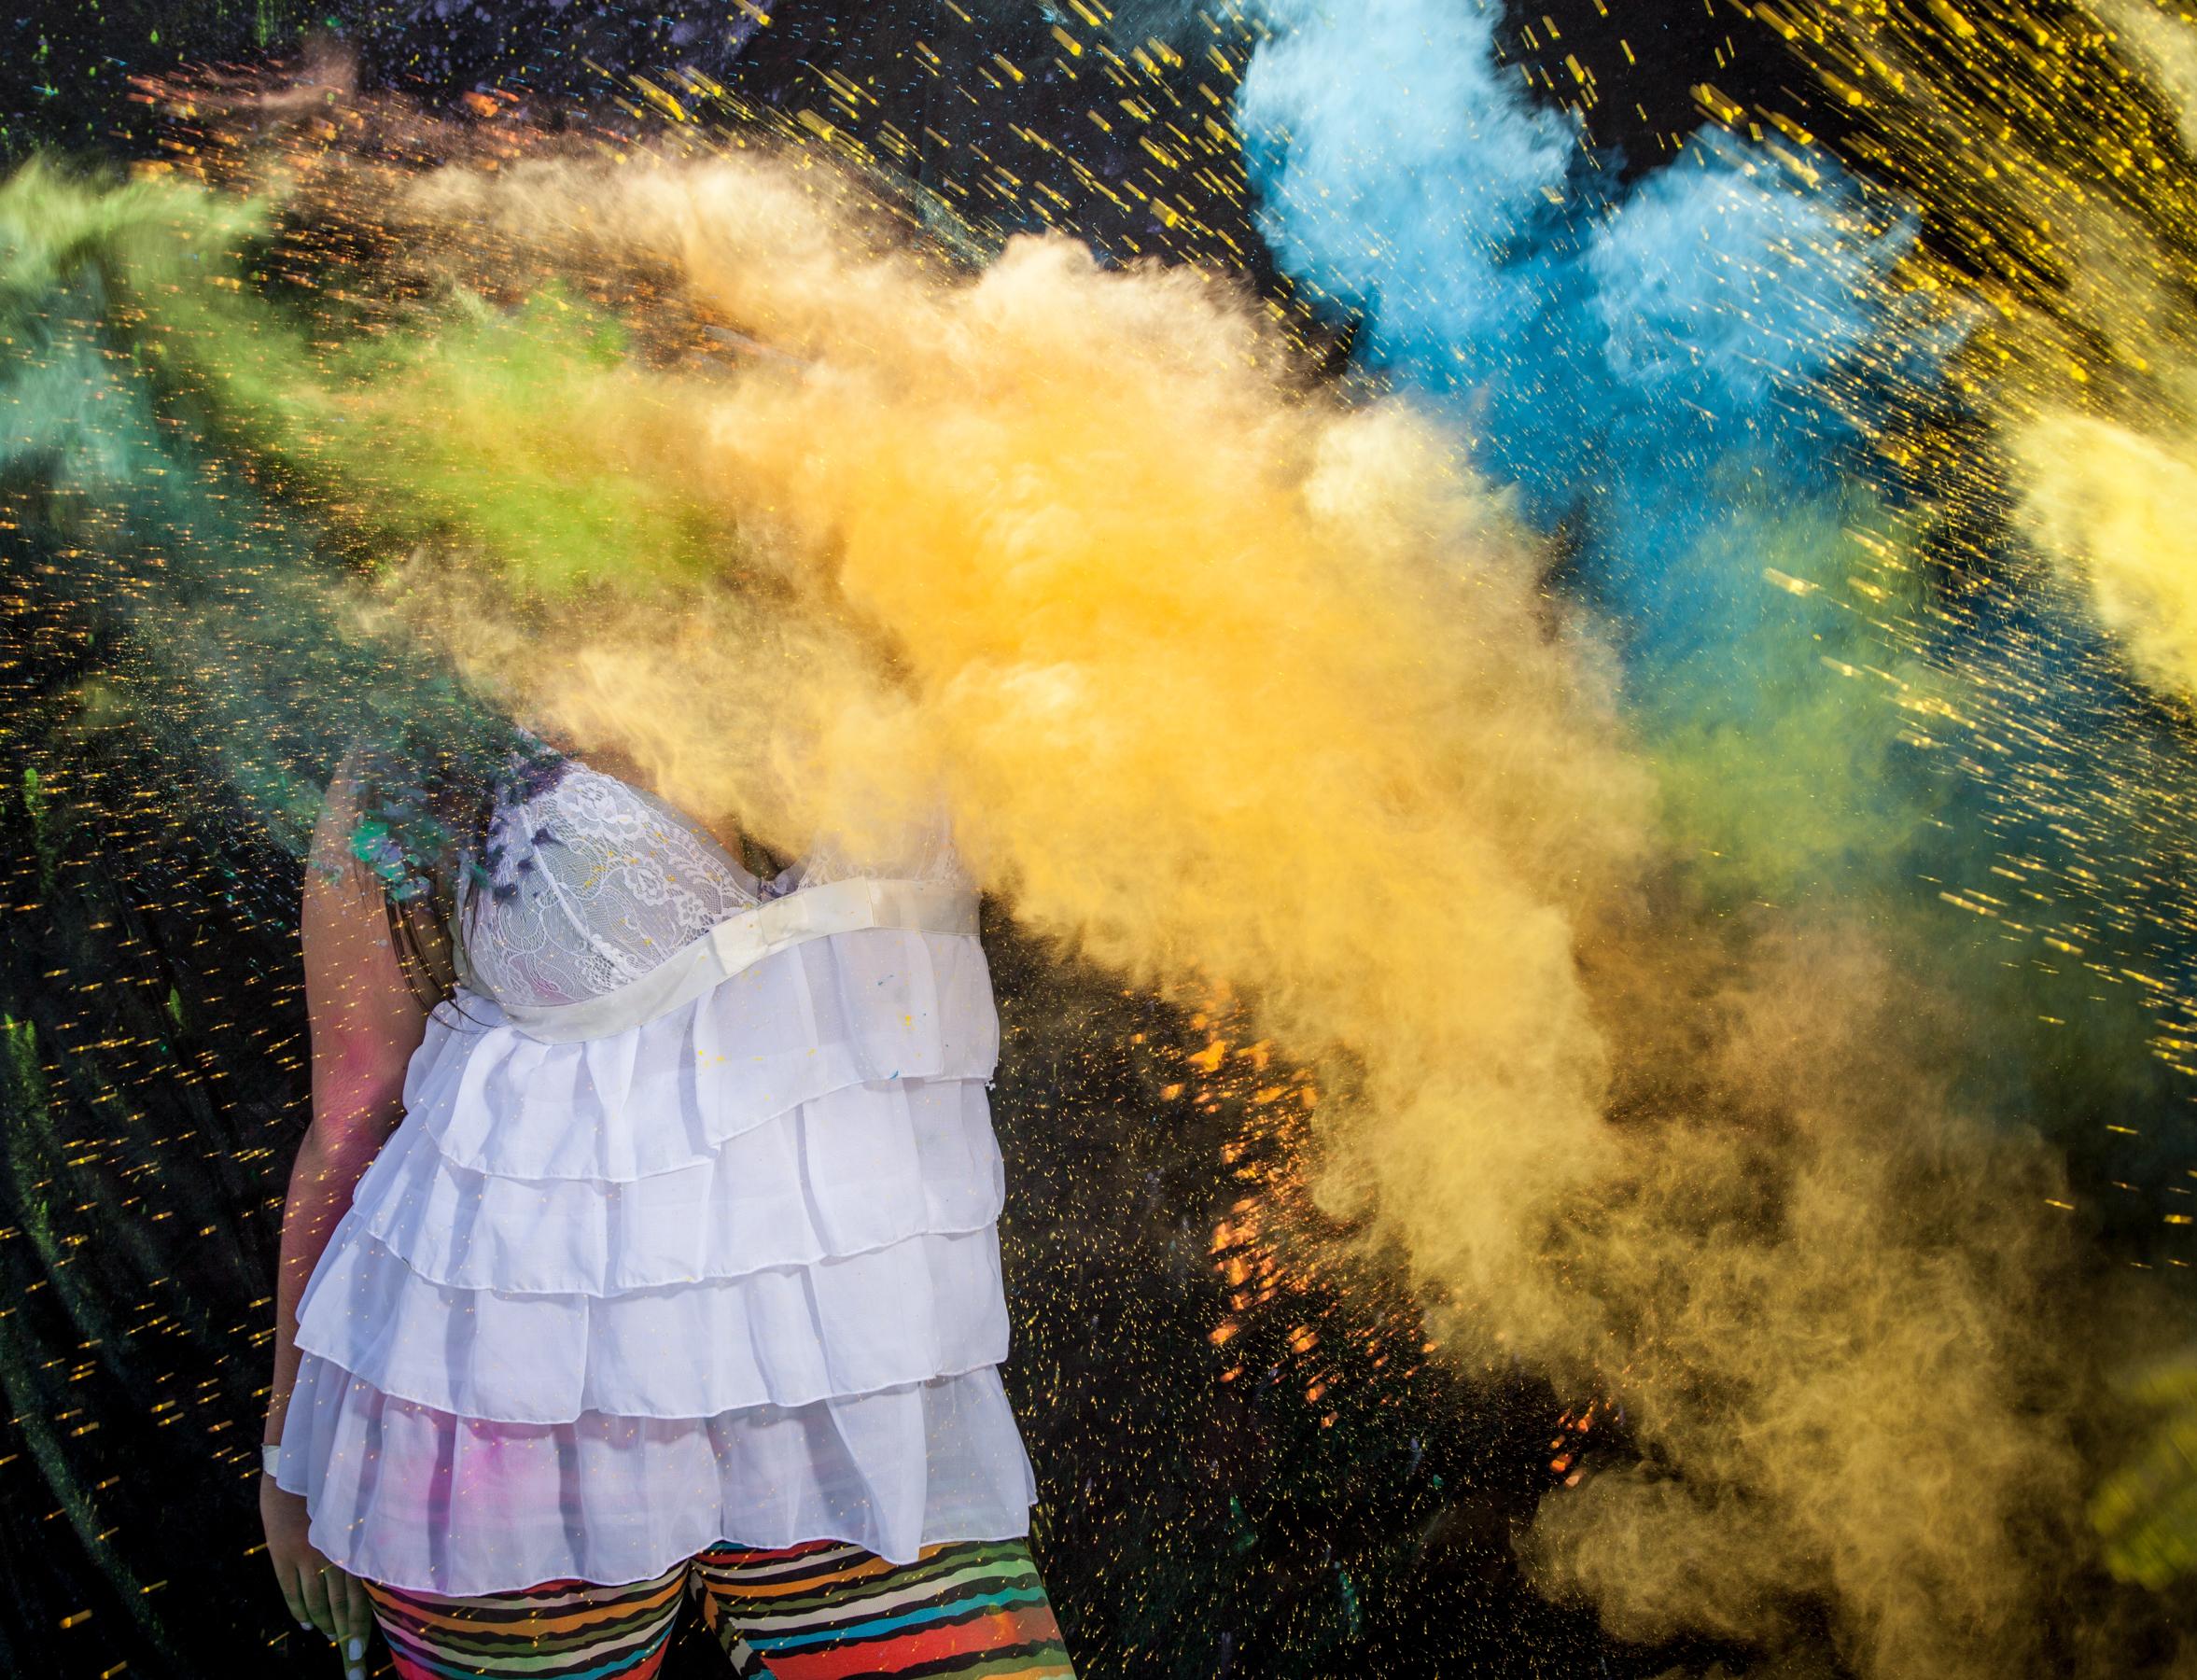 20160423_Festival_Of_Color-1853.jpg